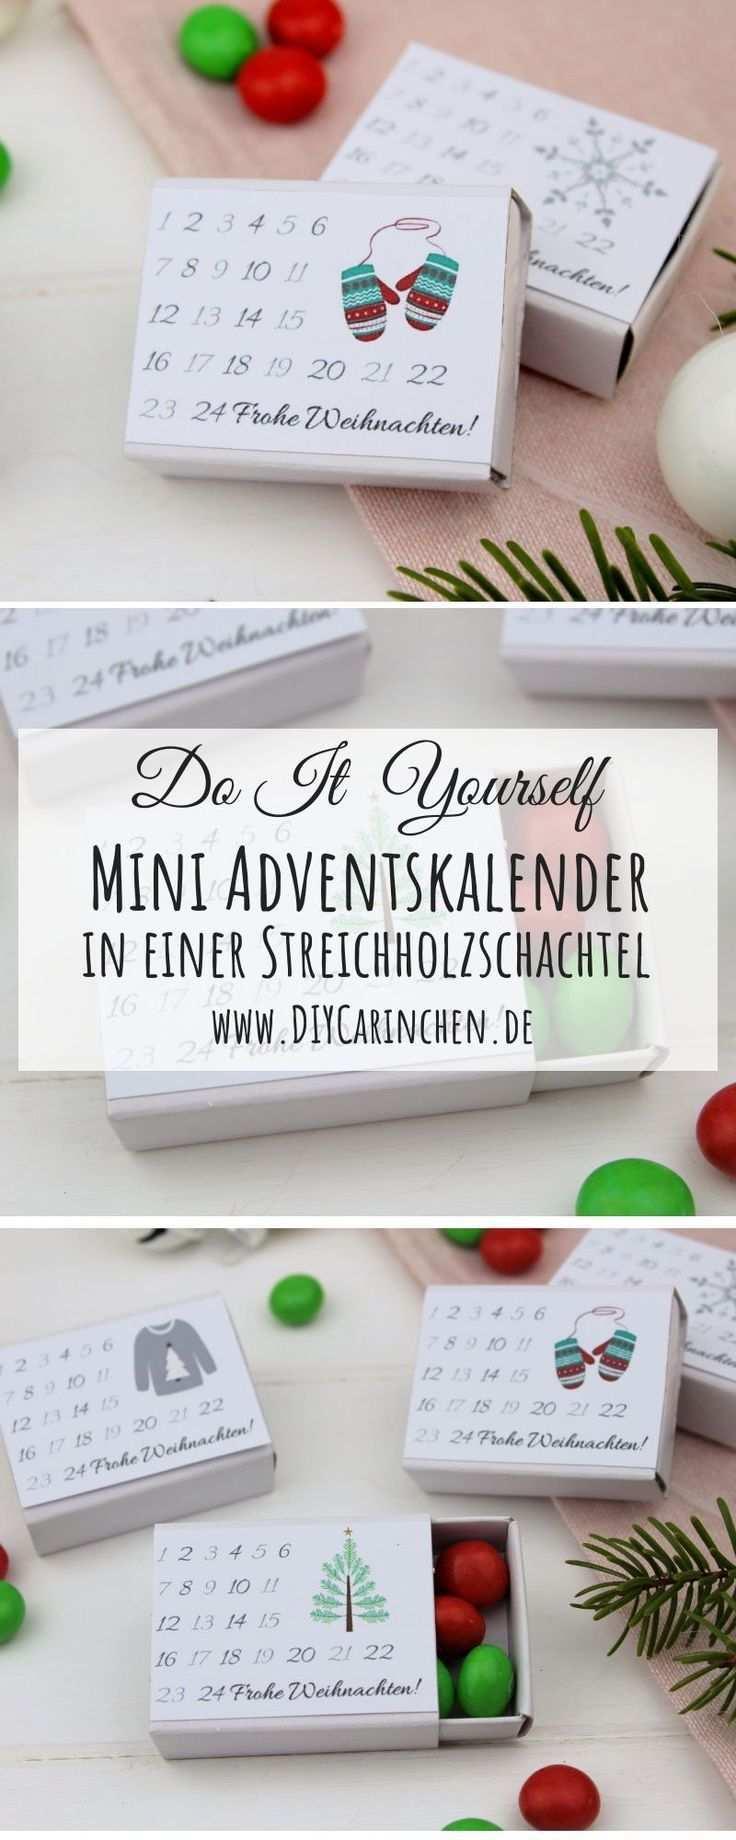 Diy Adventskalender In Einer Streichholzschachtel Einfach Und Schnell Adventkalender Mini Adventskalender Streichholzschachteln